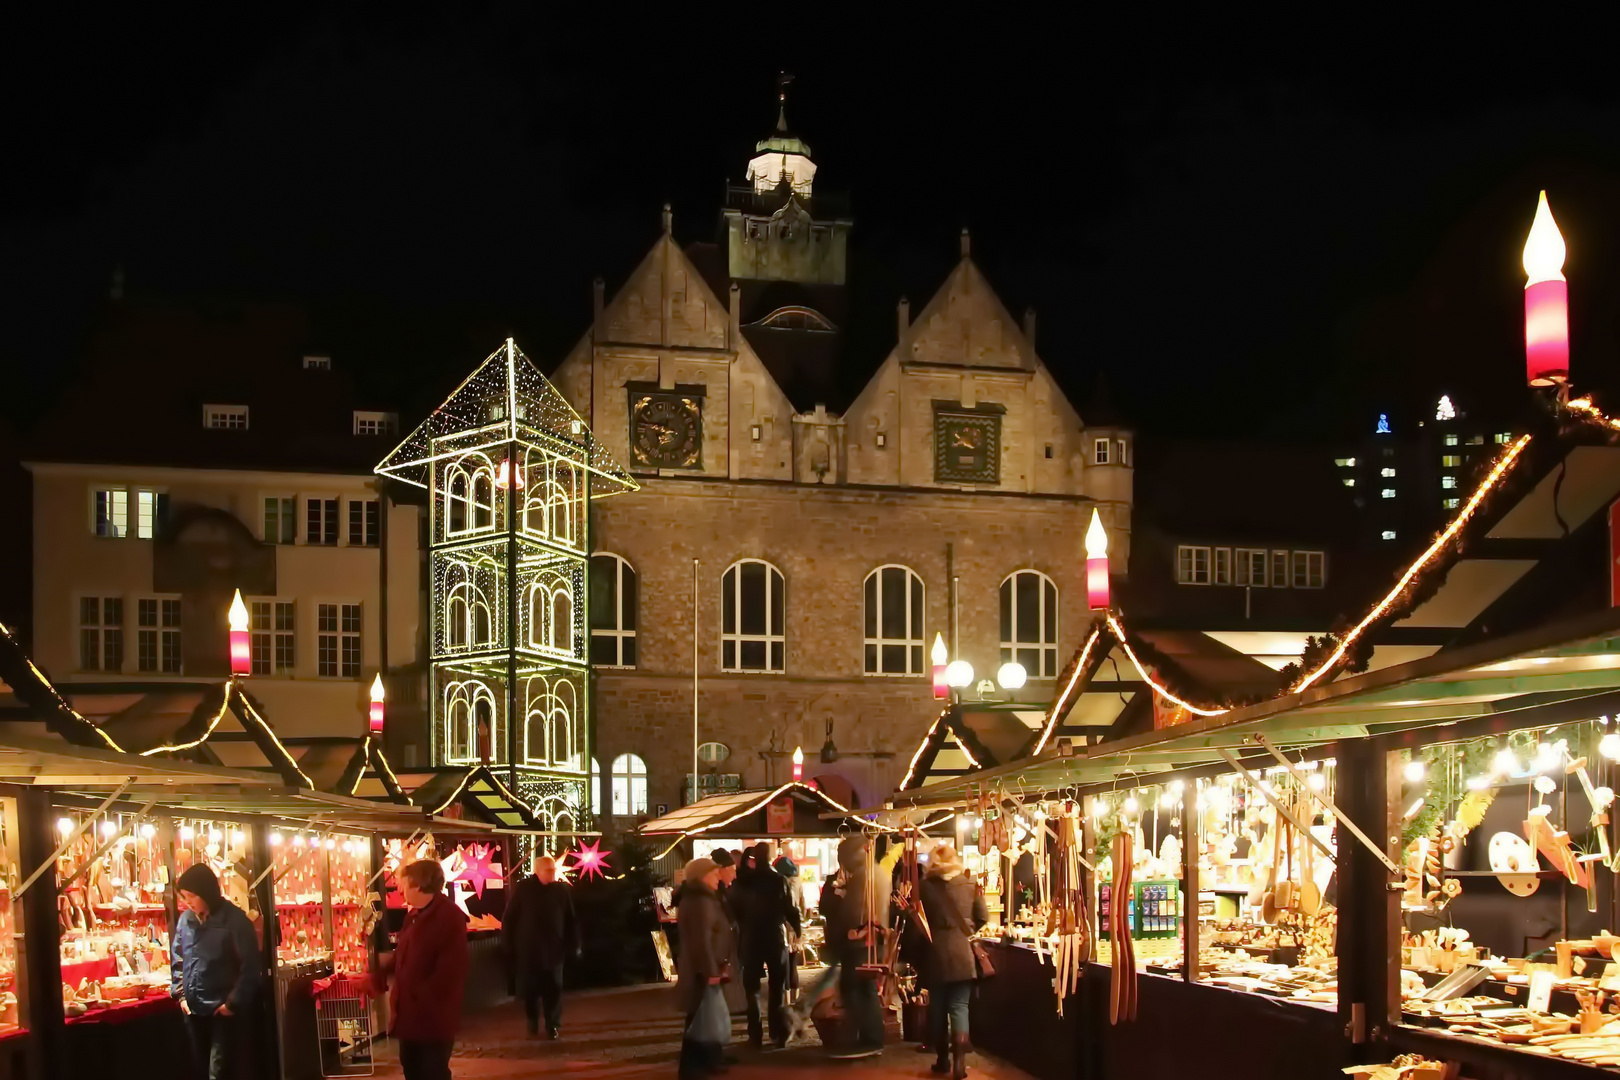 Bergisch Gladbach Weihnachtsmarkt.Weihnachtsmarkt In Bergisch Gladbach Foto Bild Architektur